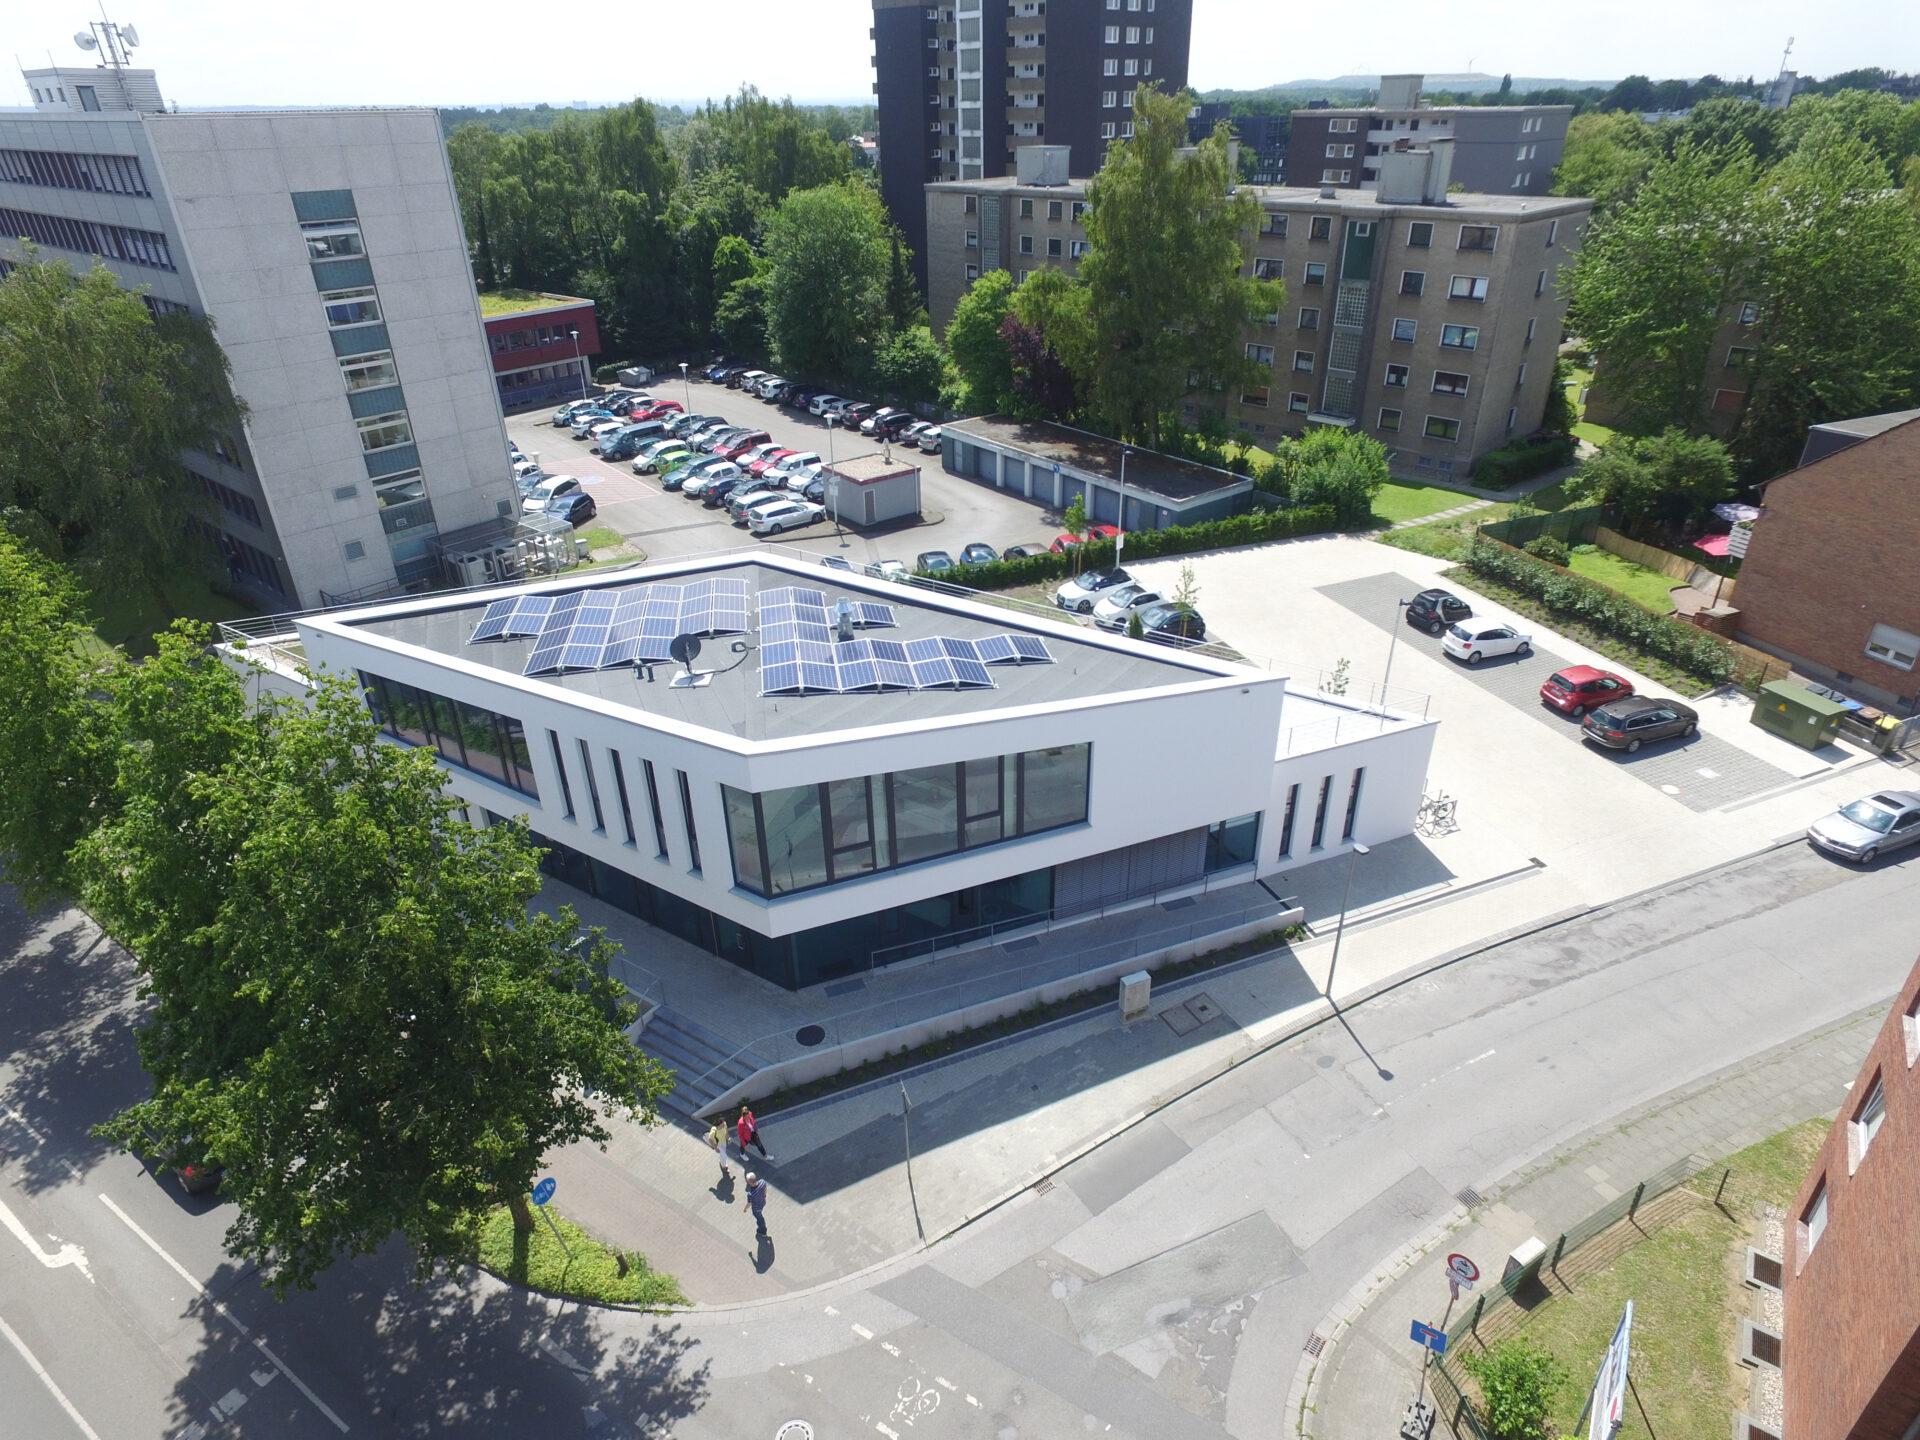 Zentrum für Zahnmedizin Fleuter und Fleuter in Recklinghausen. Foto: Christian Fleuter